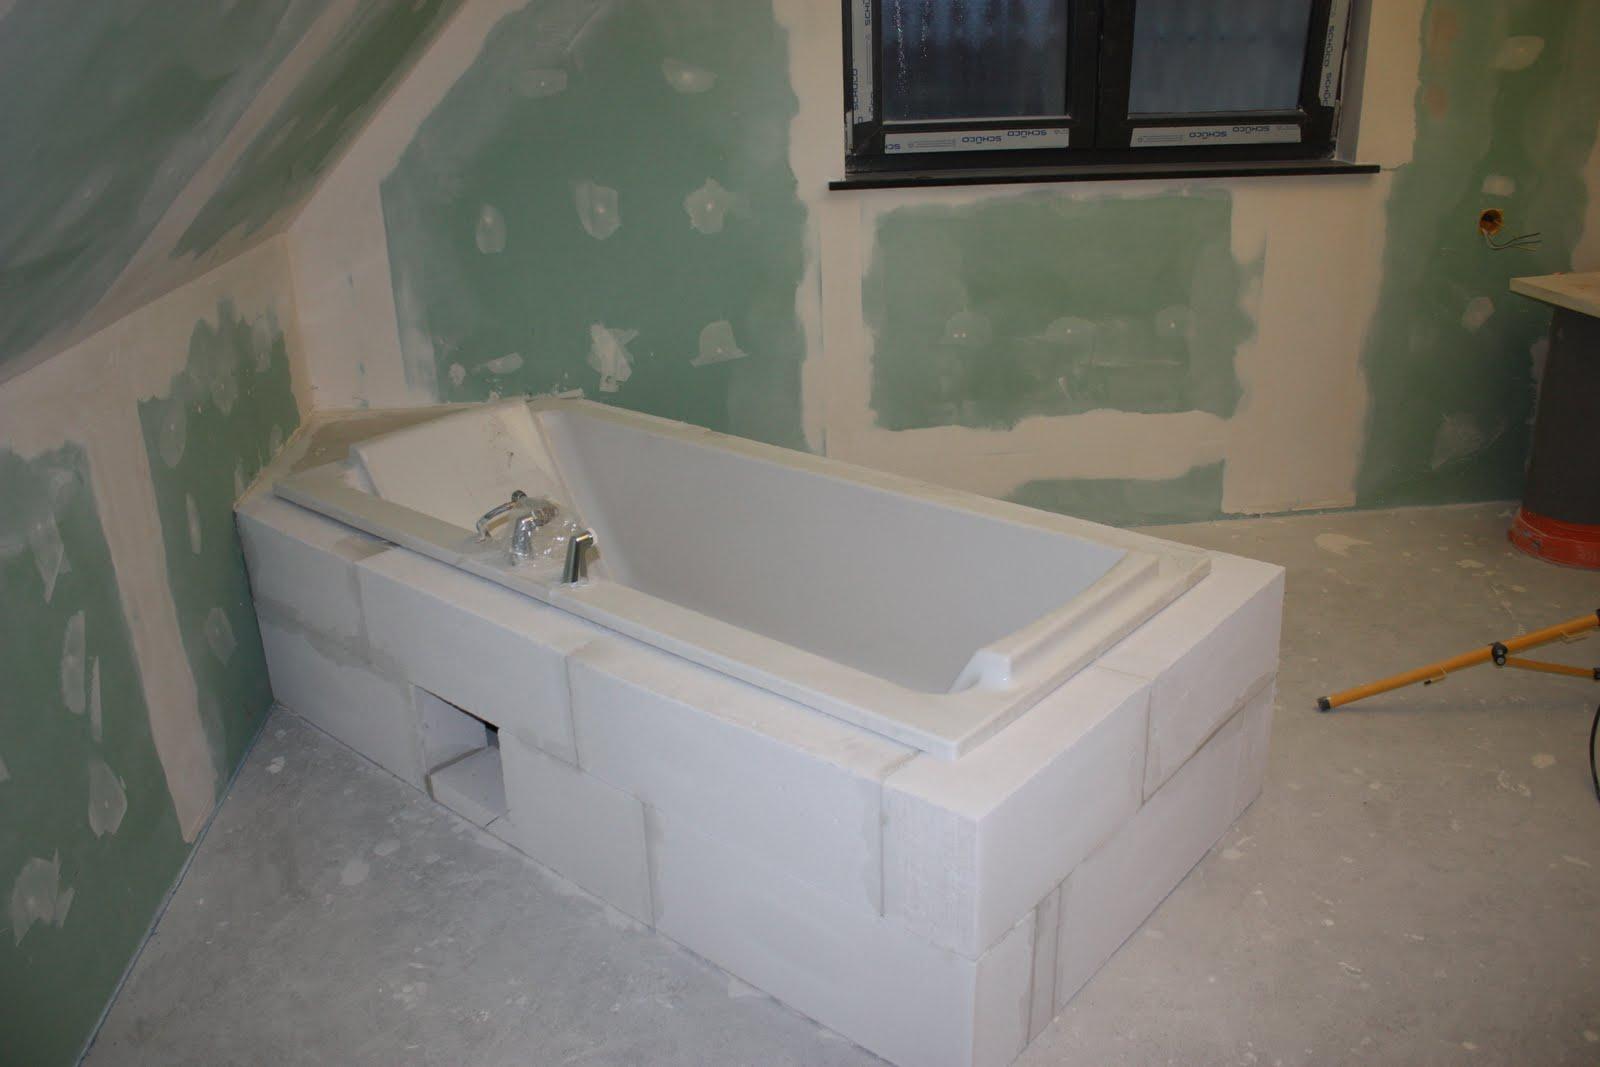 baignoire rectangulaire de 180x80 avec un dbord de 10cm - Domotique Salle De Bain